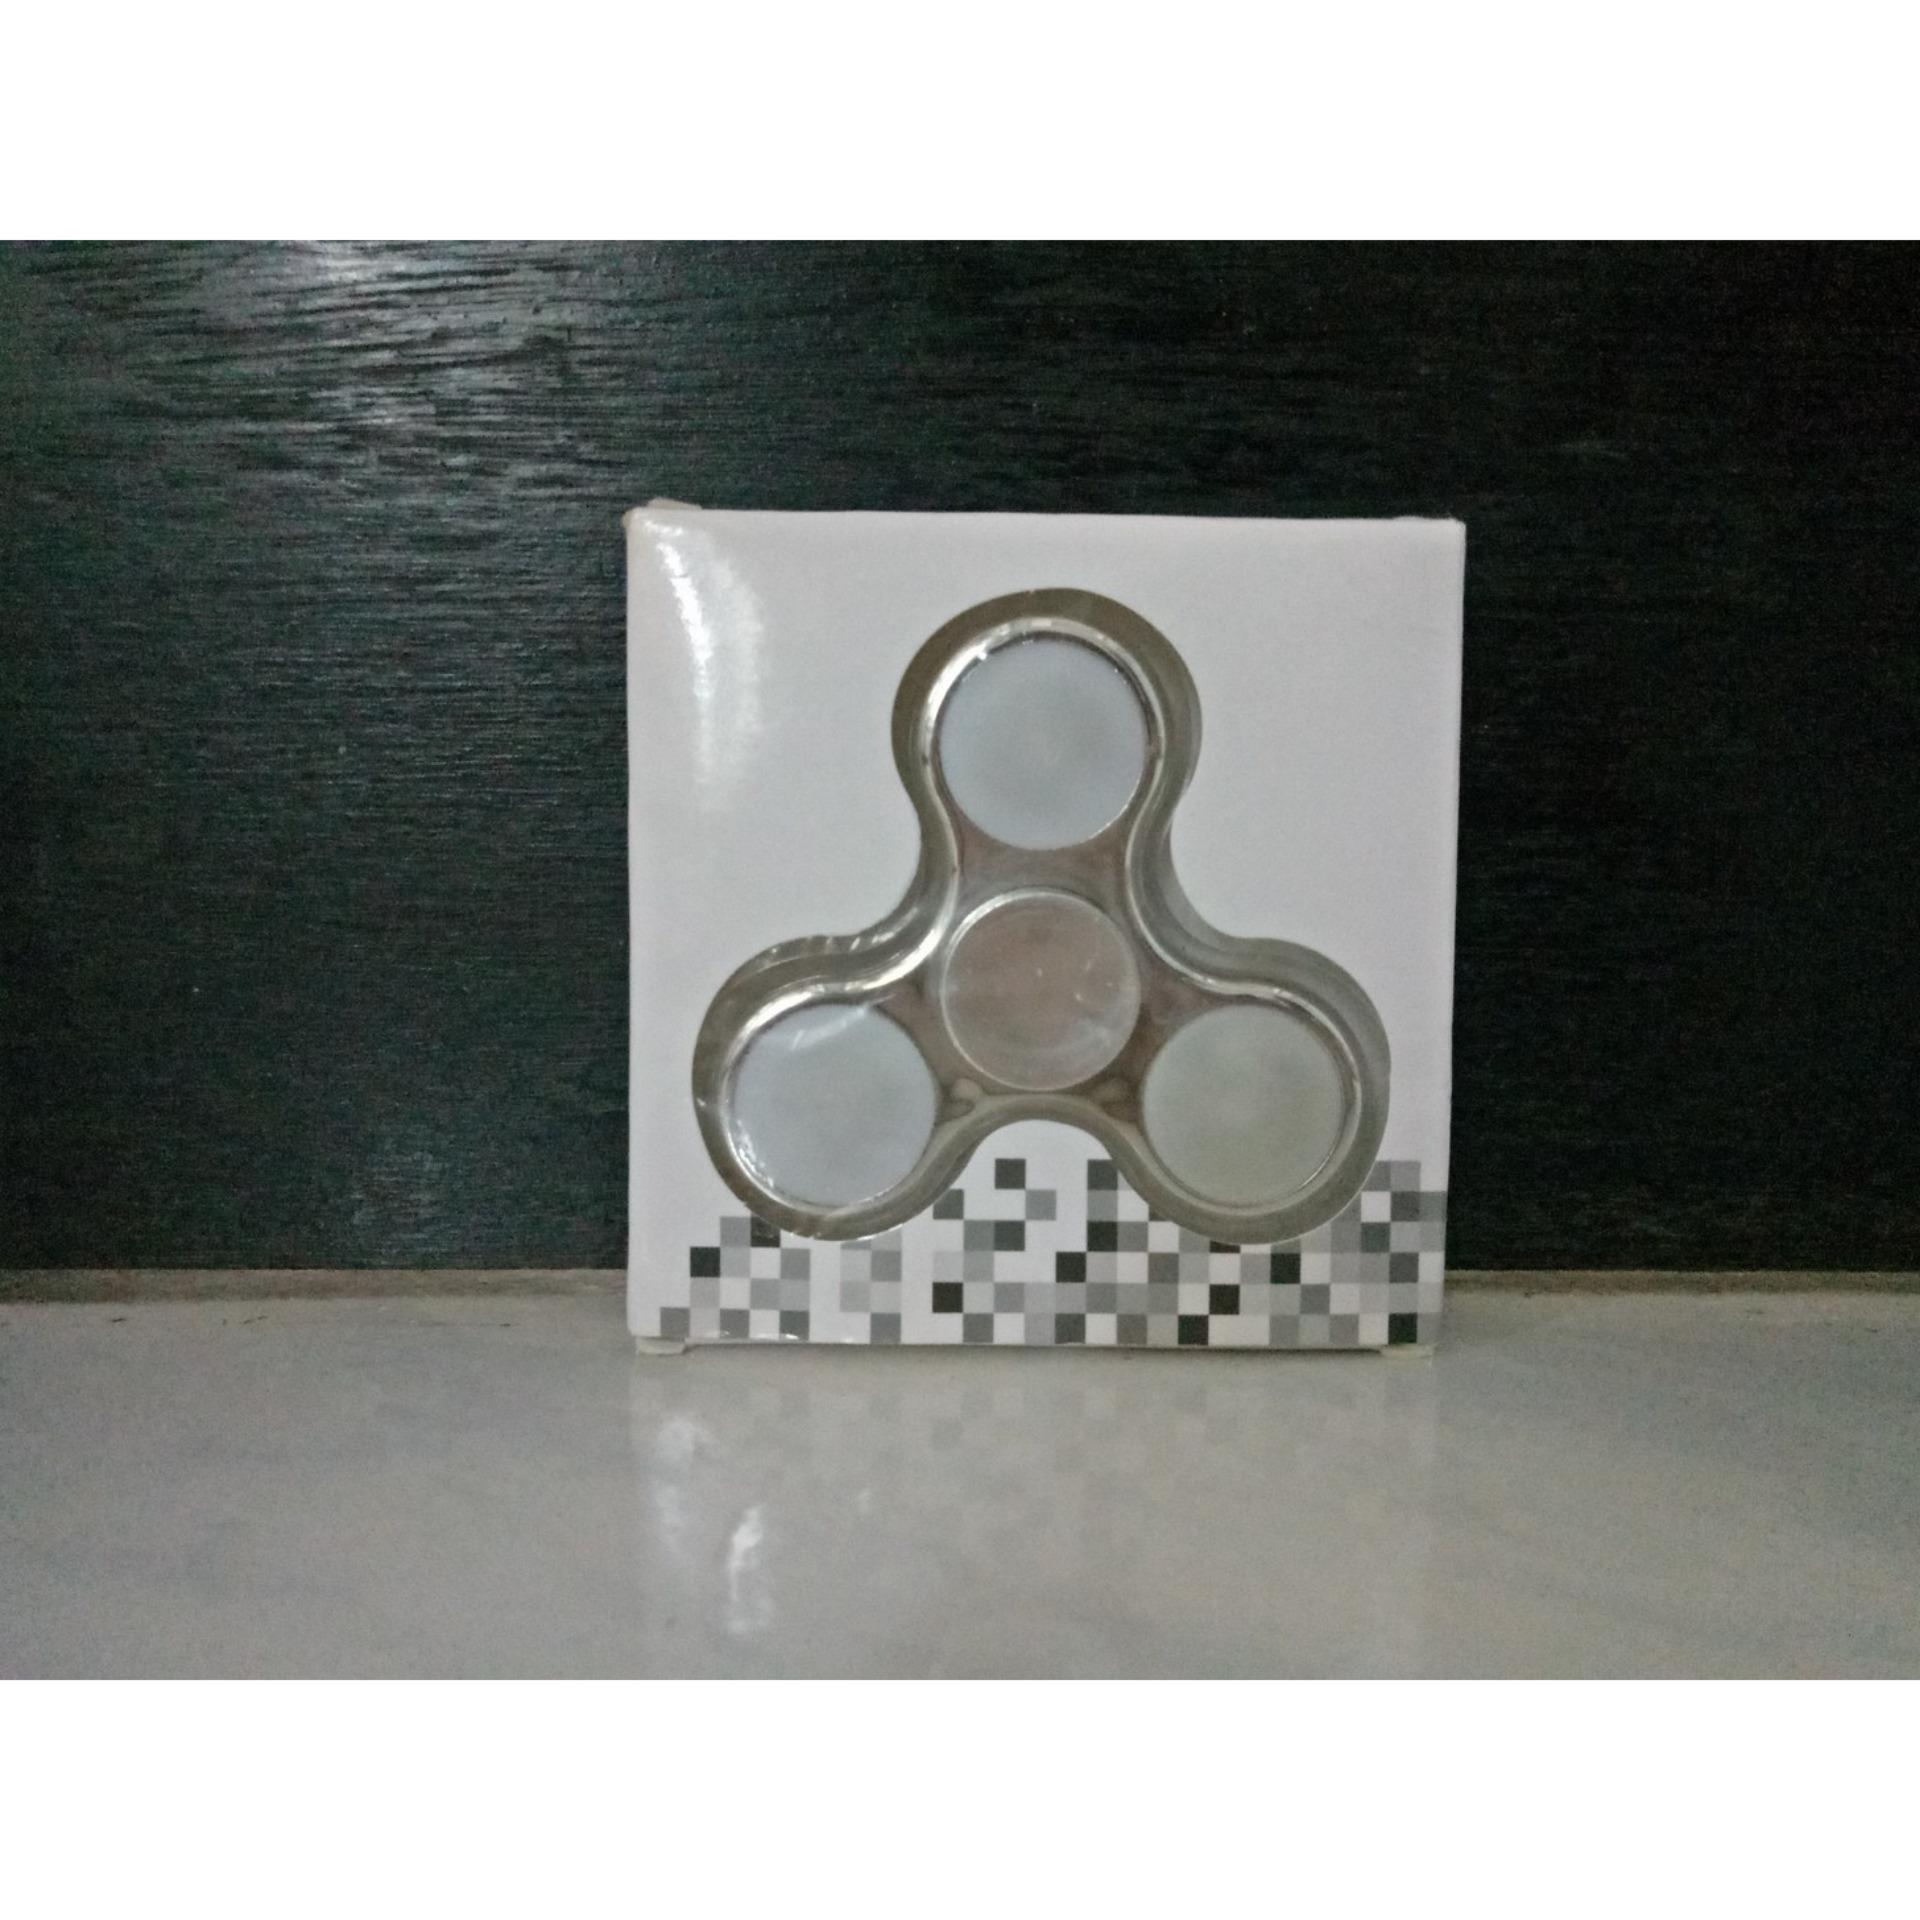 Spinner Segi Enam Daftar Harga Terlengkap Indonesia Terkini Fidget Full Metal Tiga Sj0048 Bahan Alumunium Metalic Bisa Nyala Warna Warni Bukan Plastik